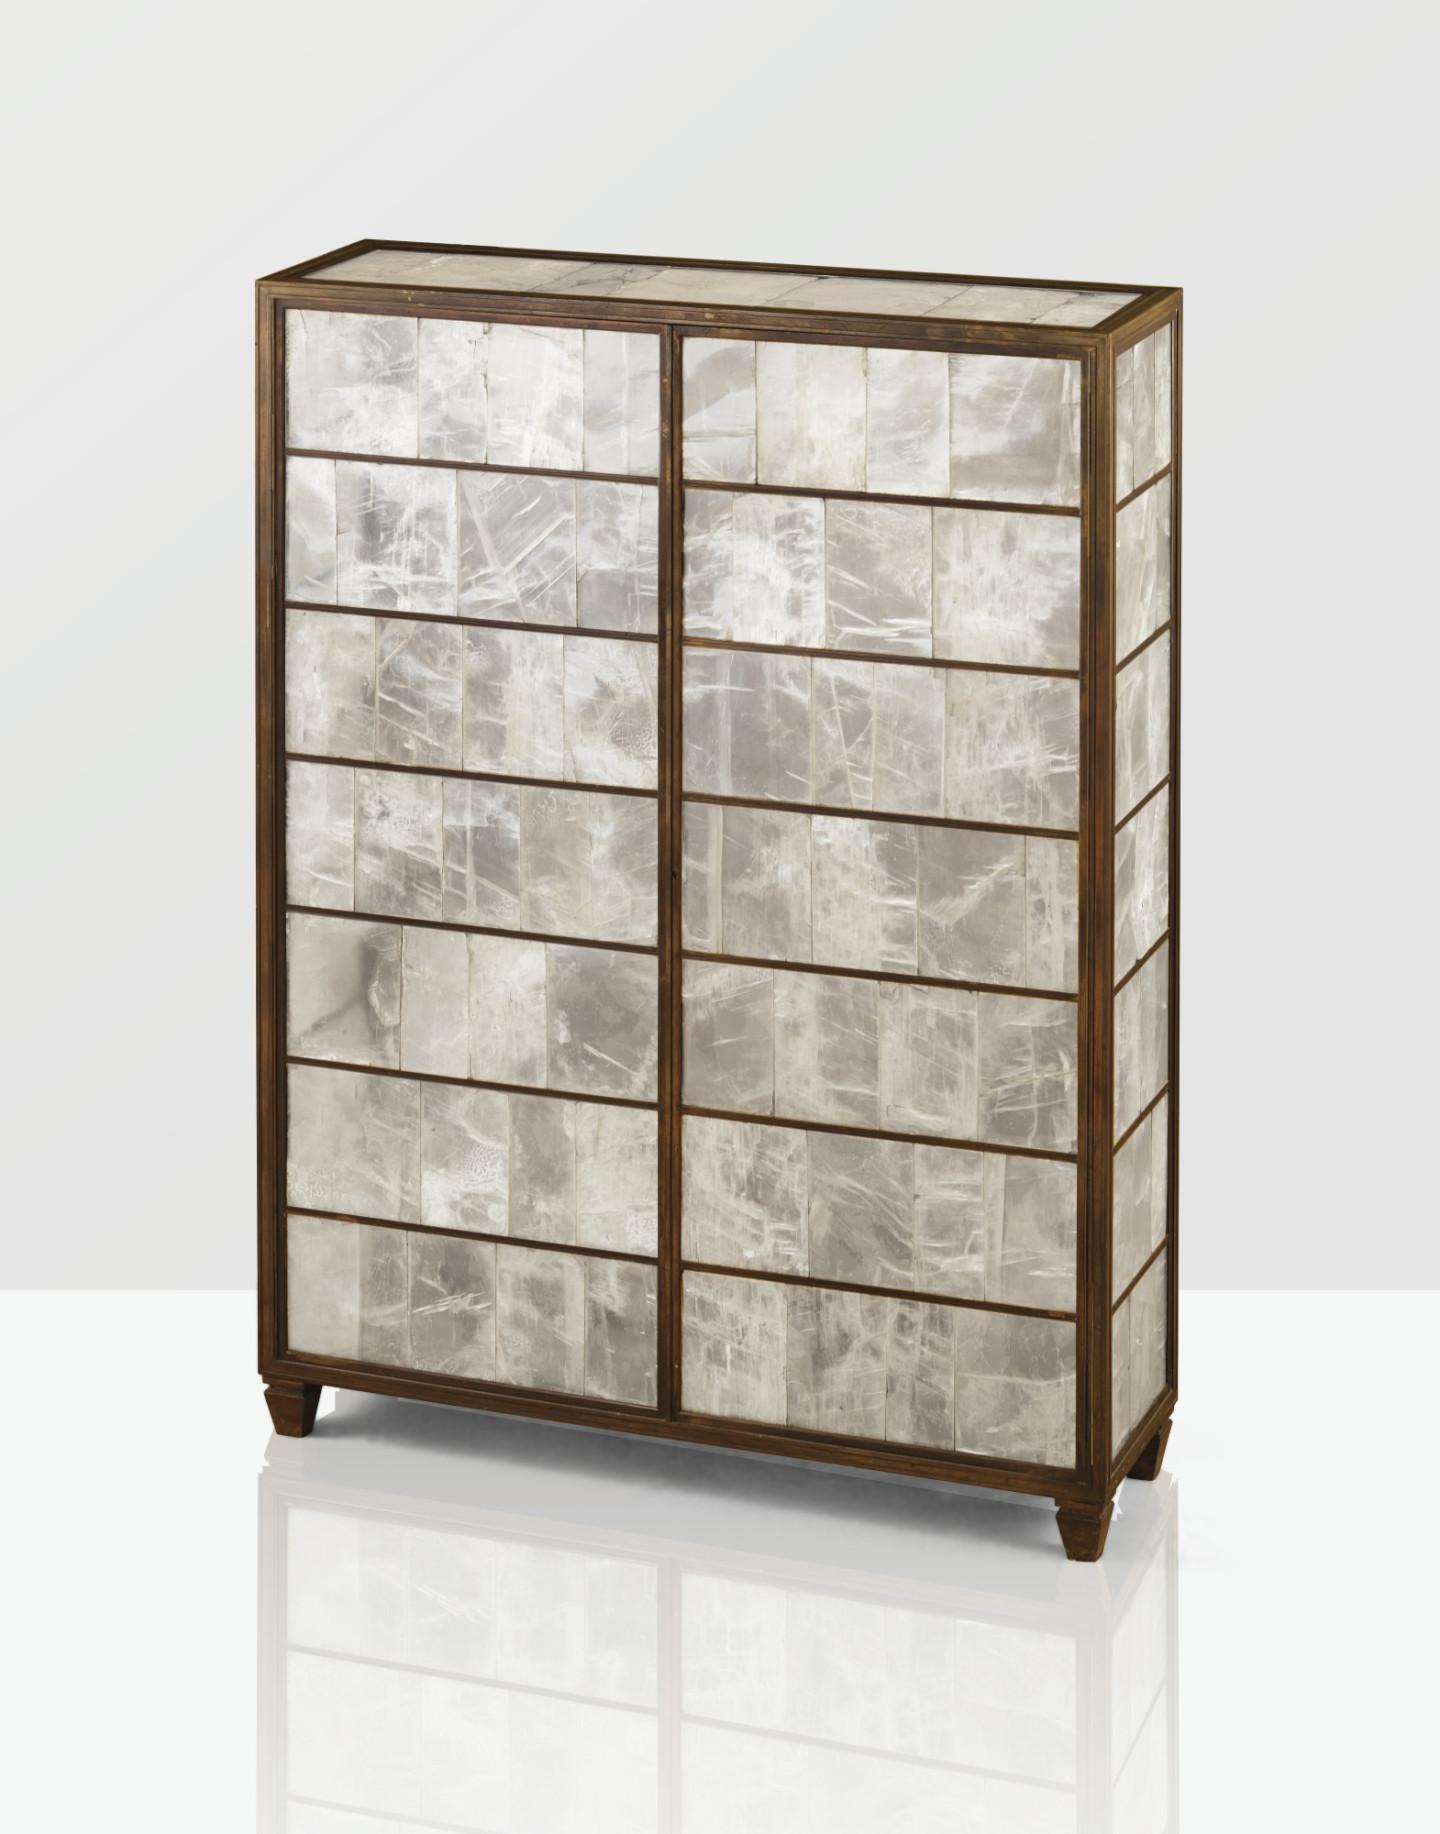 Жан-Мишель Франк, кабинет, 1935 (продан на аукционе Sotheby's в Париже в марте 2014 года за €3 681 500)